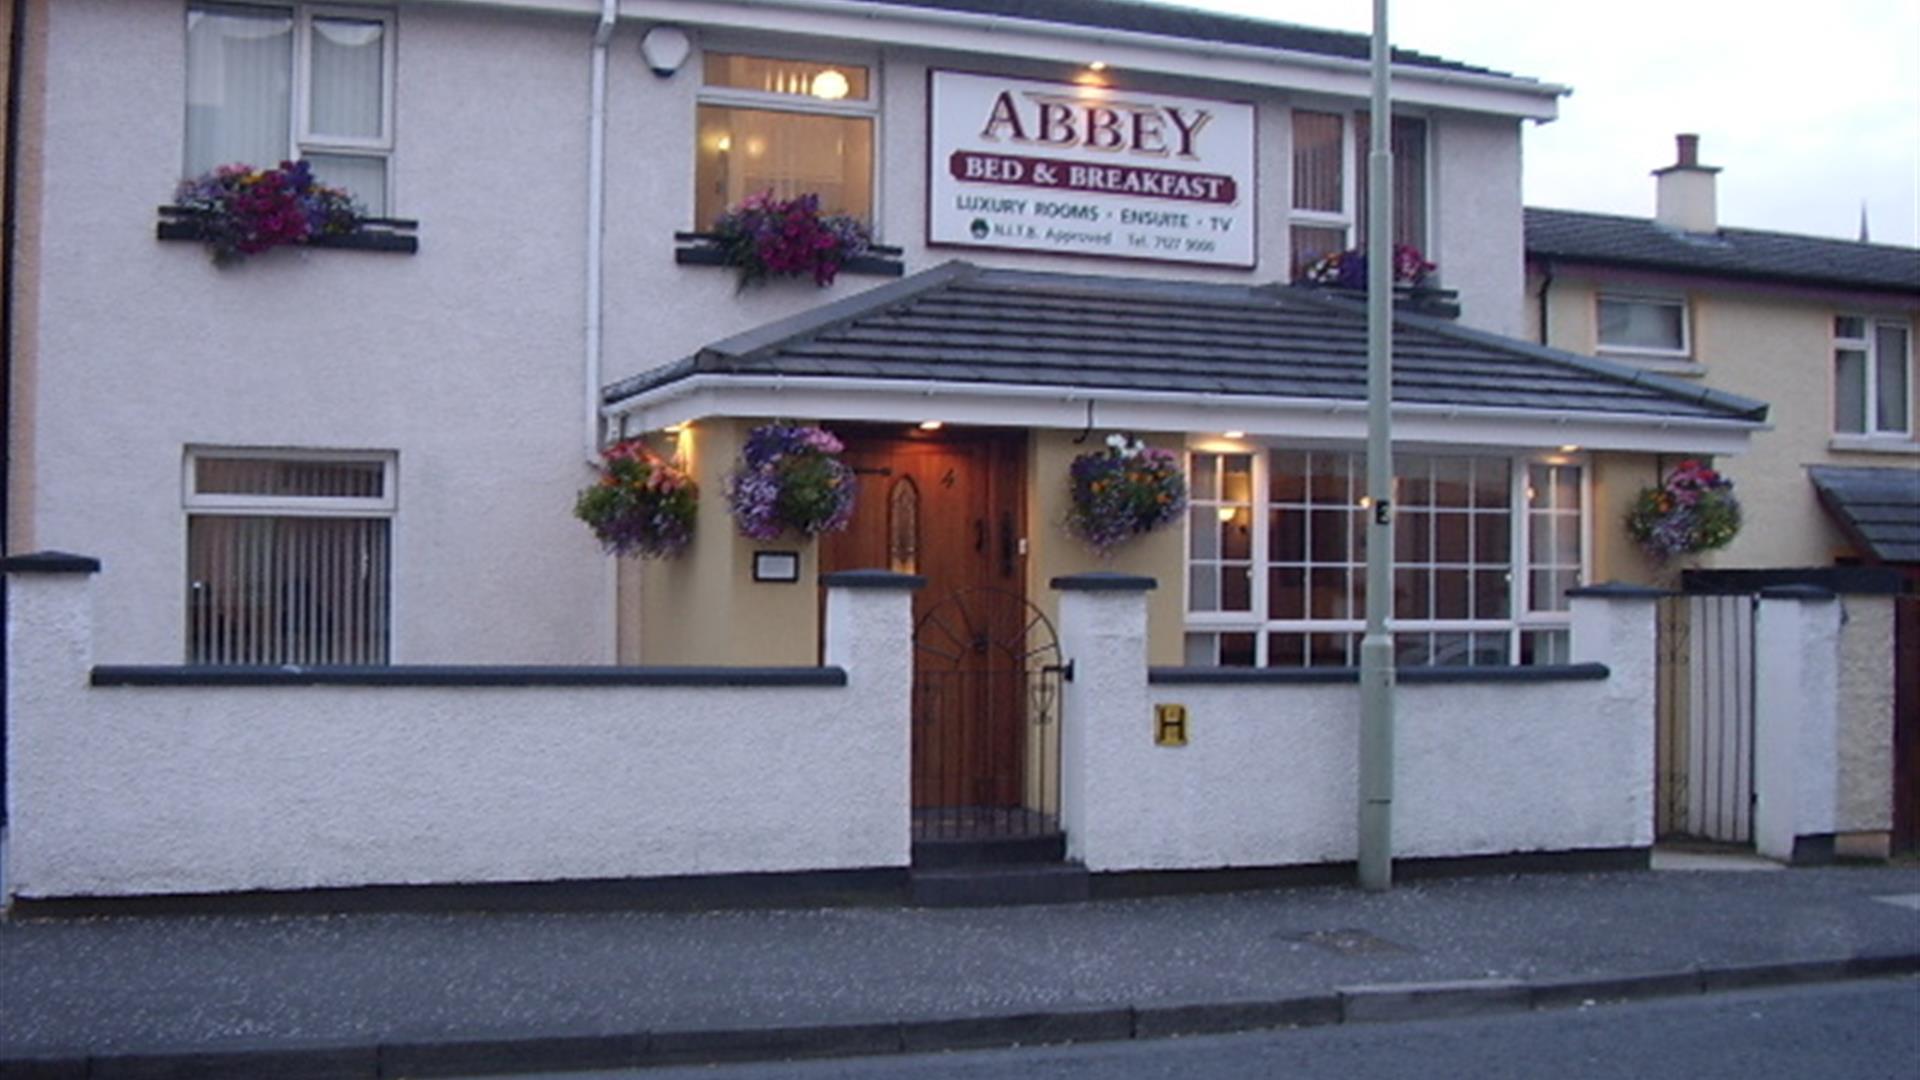 Abbey Accommodation